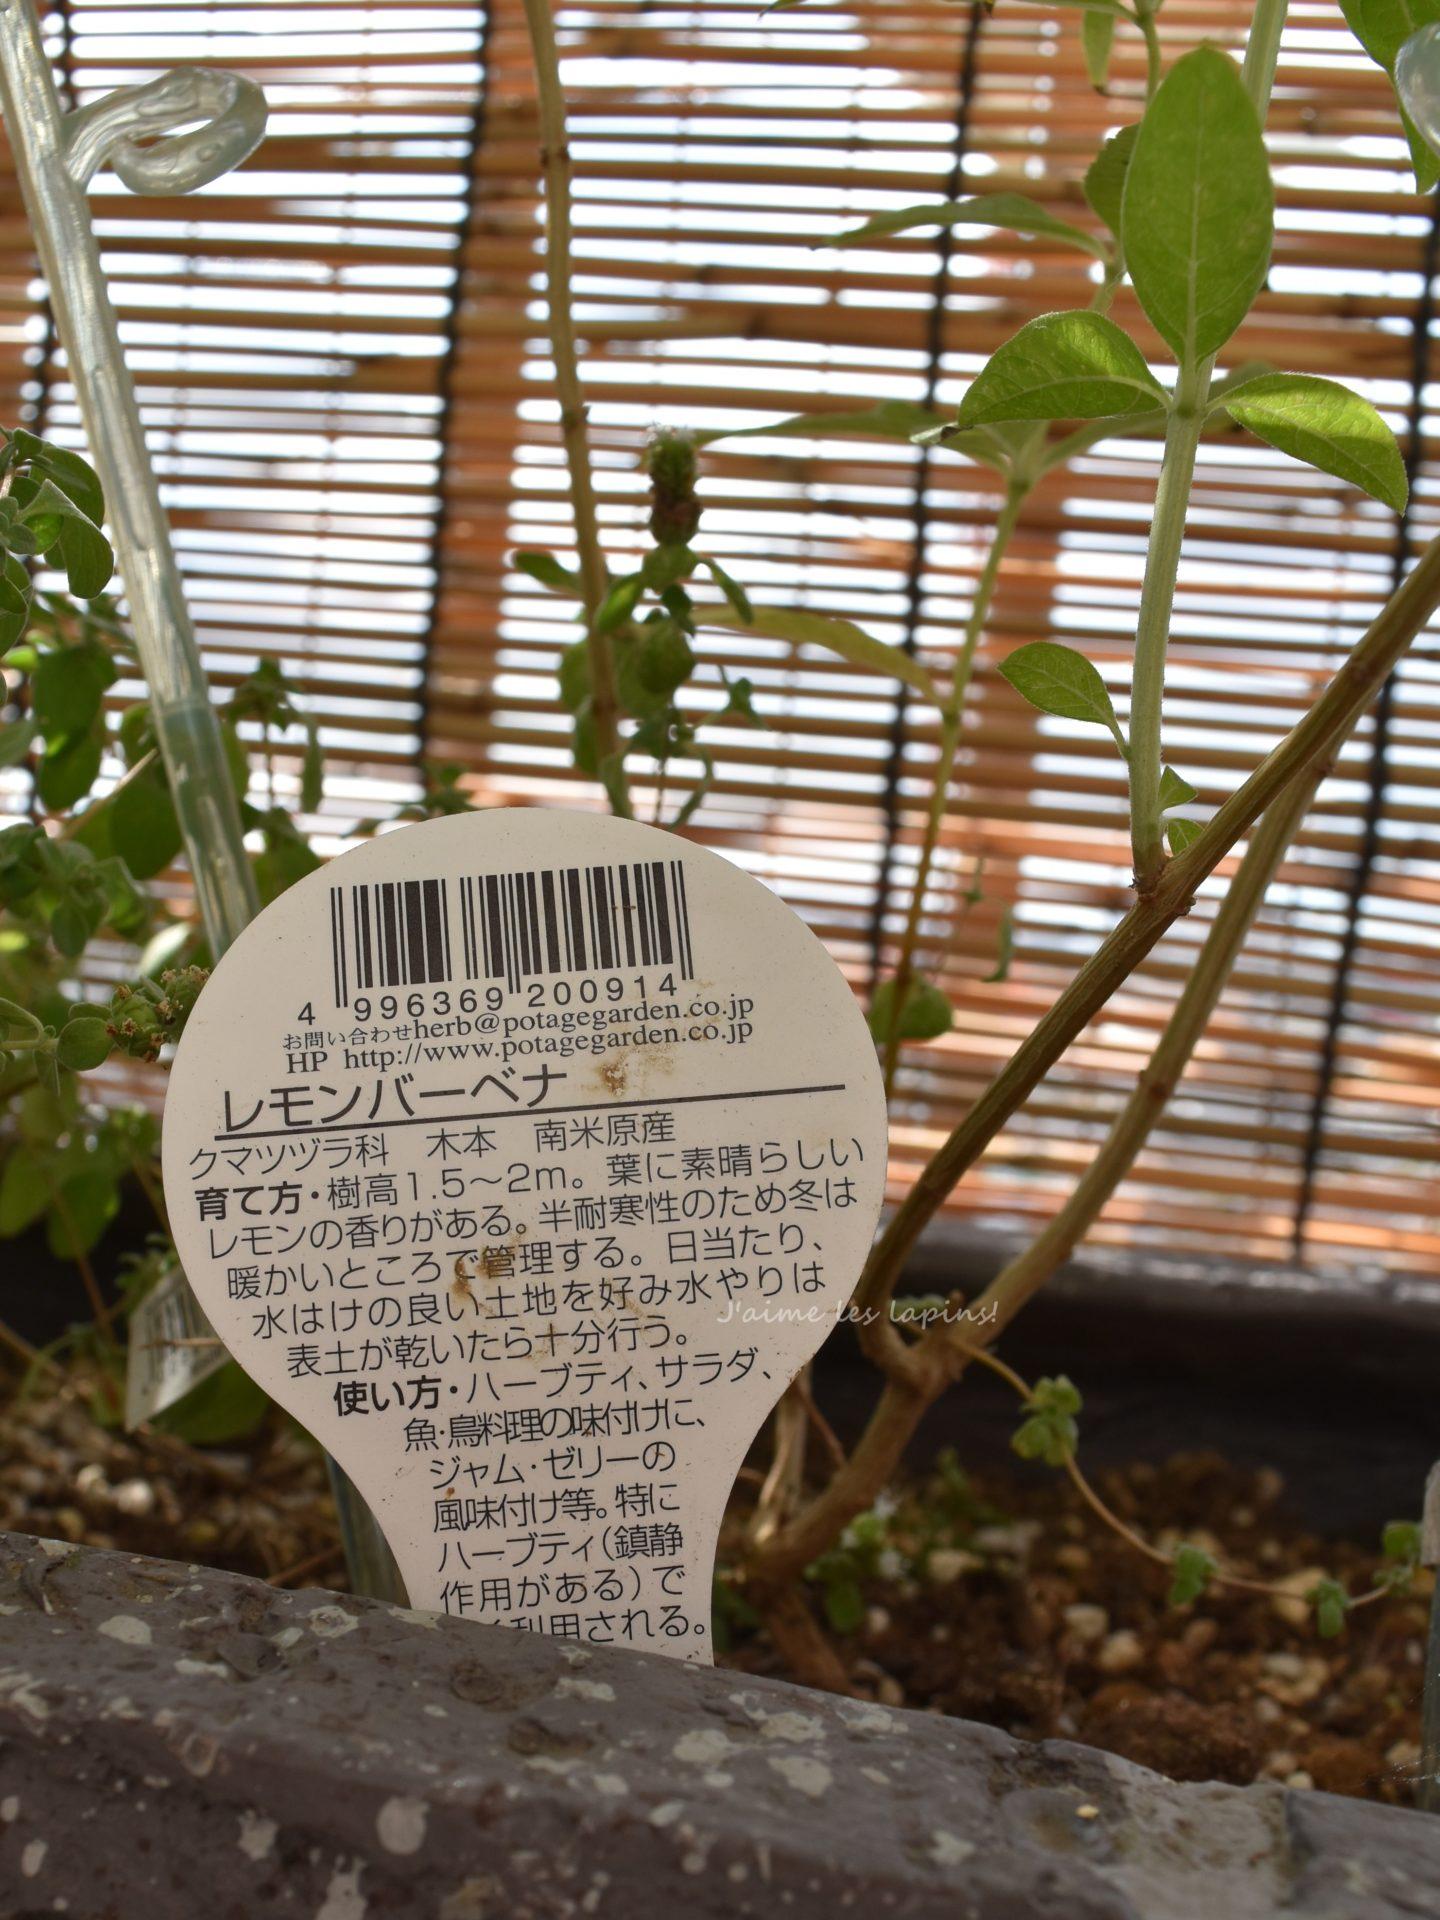 バーベナうさぎ苗の札